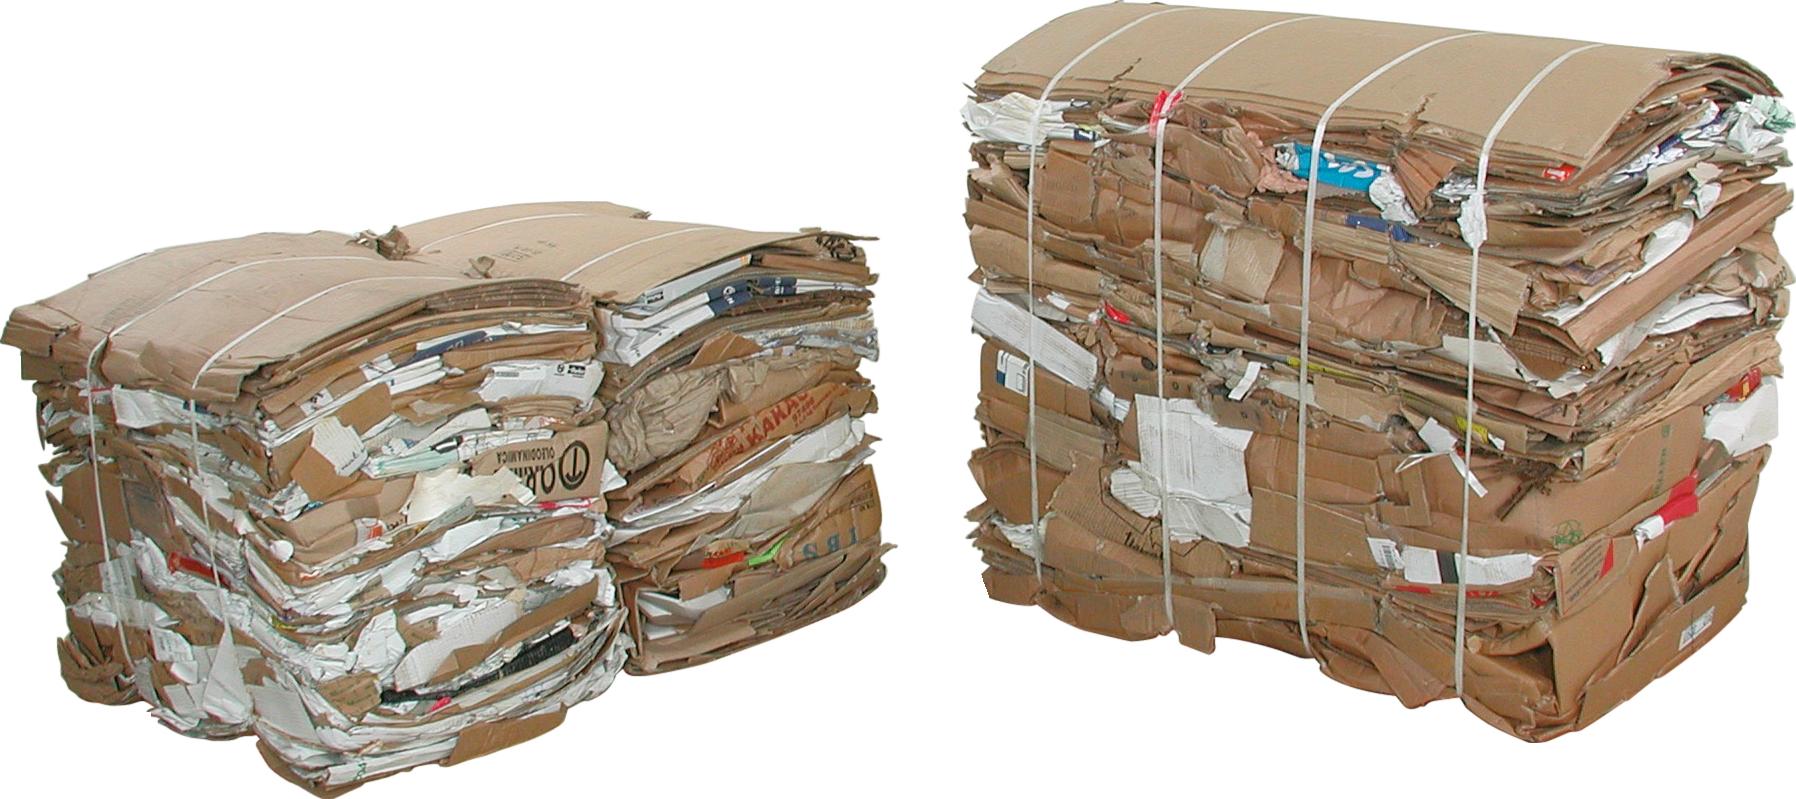 cardboard orwak